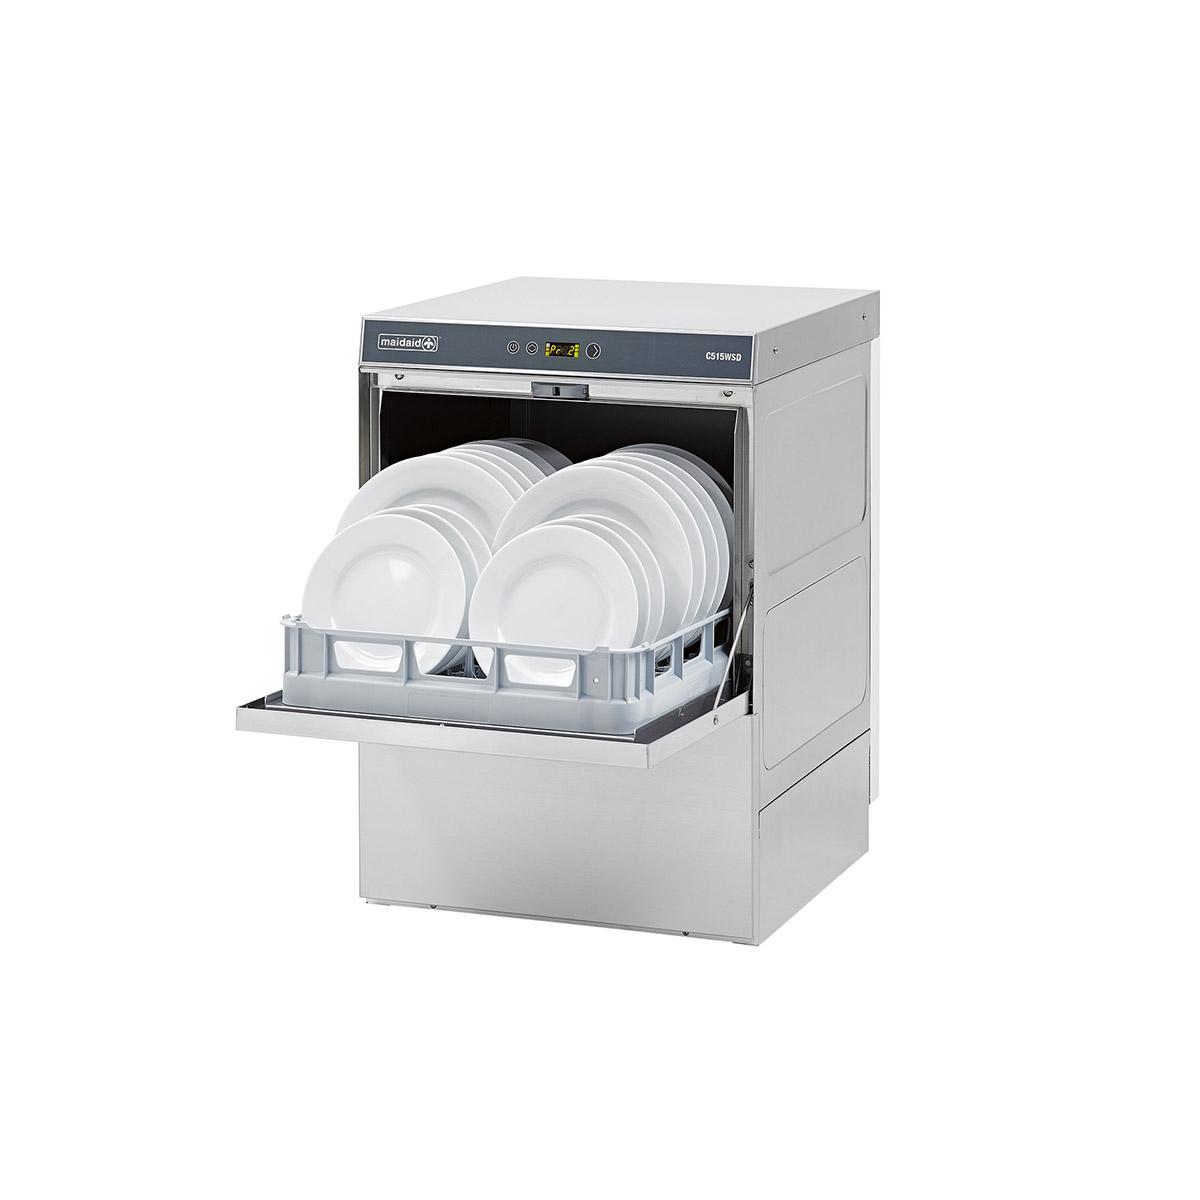 Maidaid Halcyon Dishwasher C515WSD